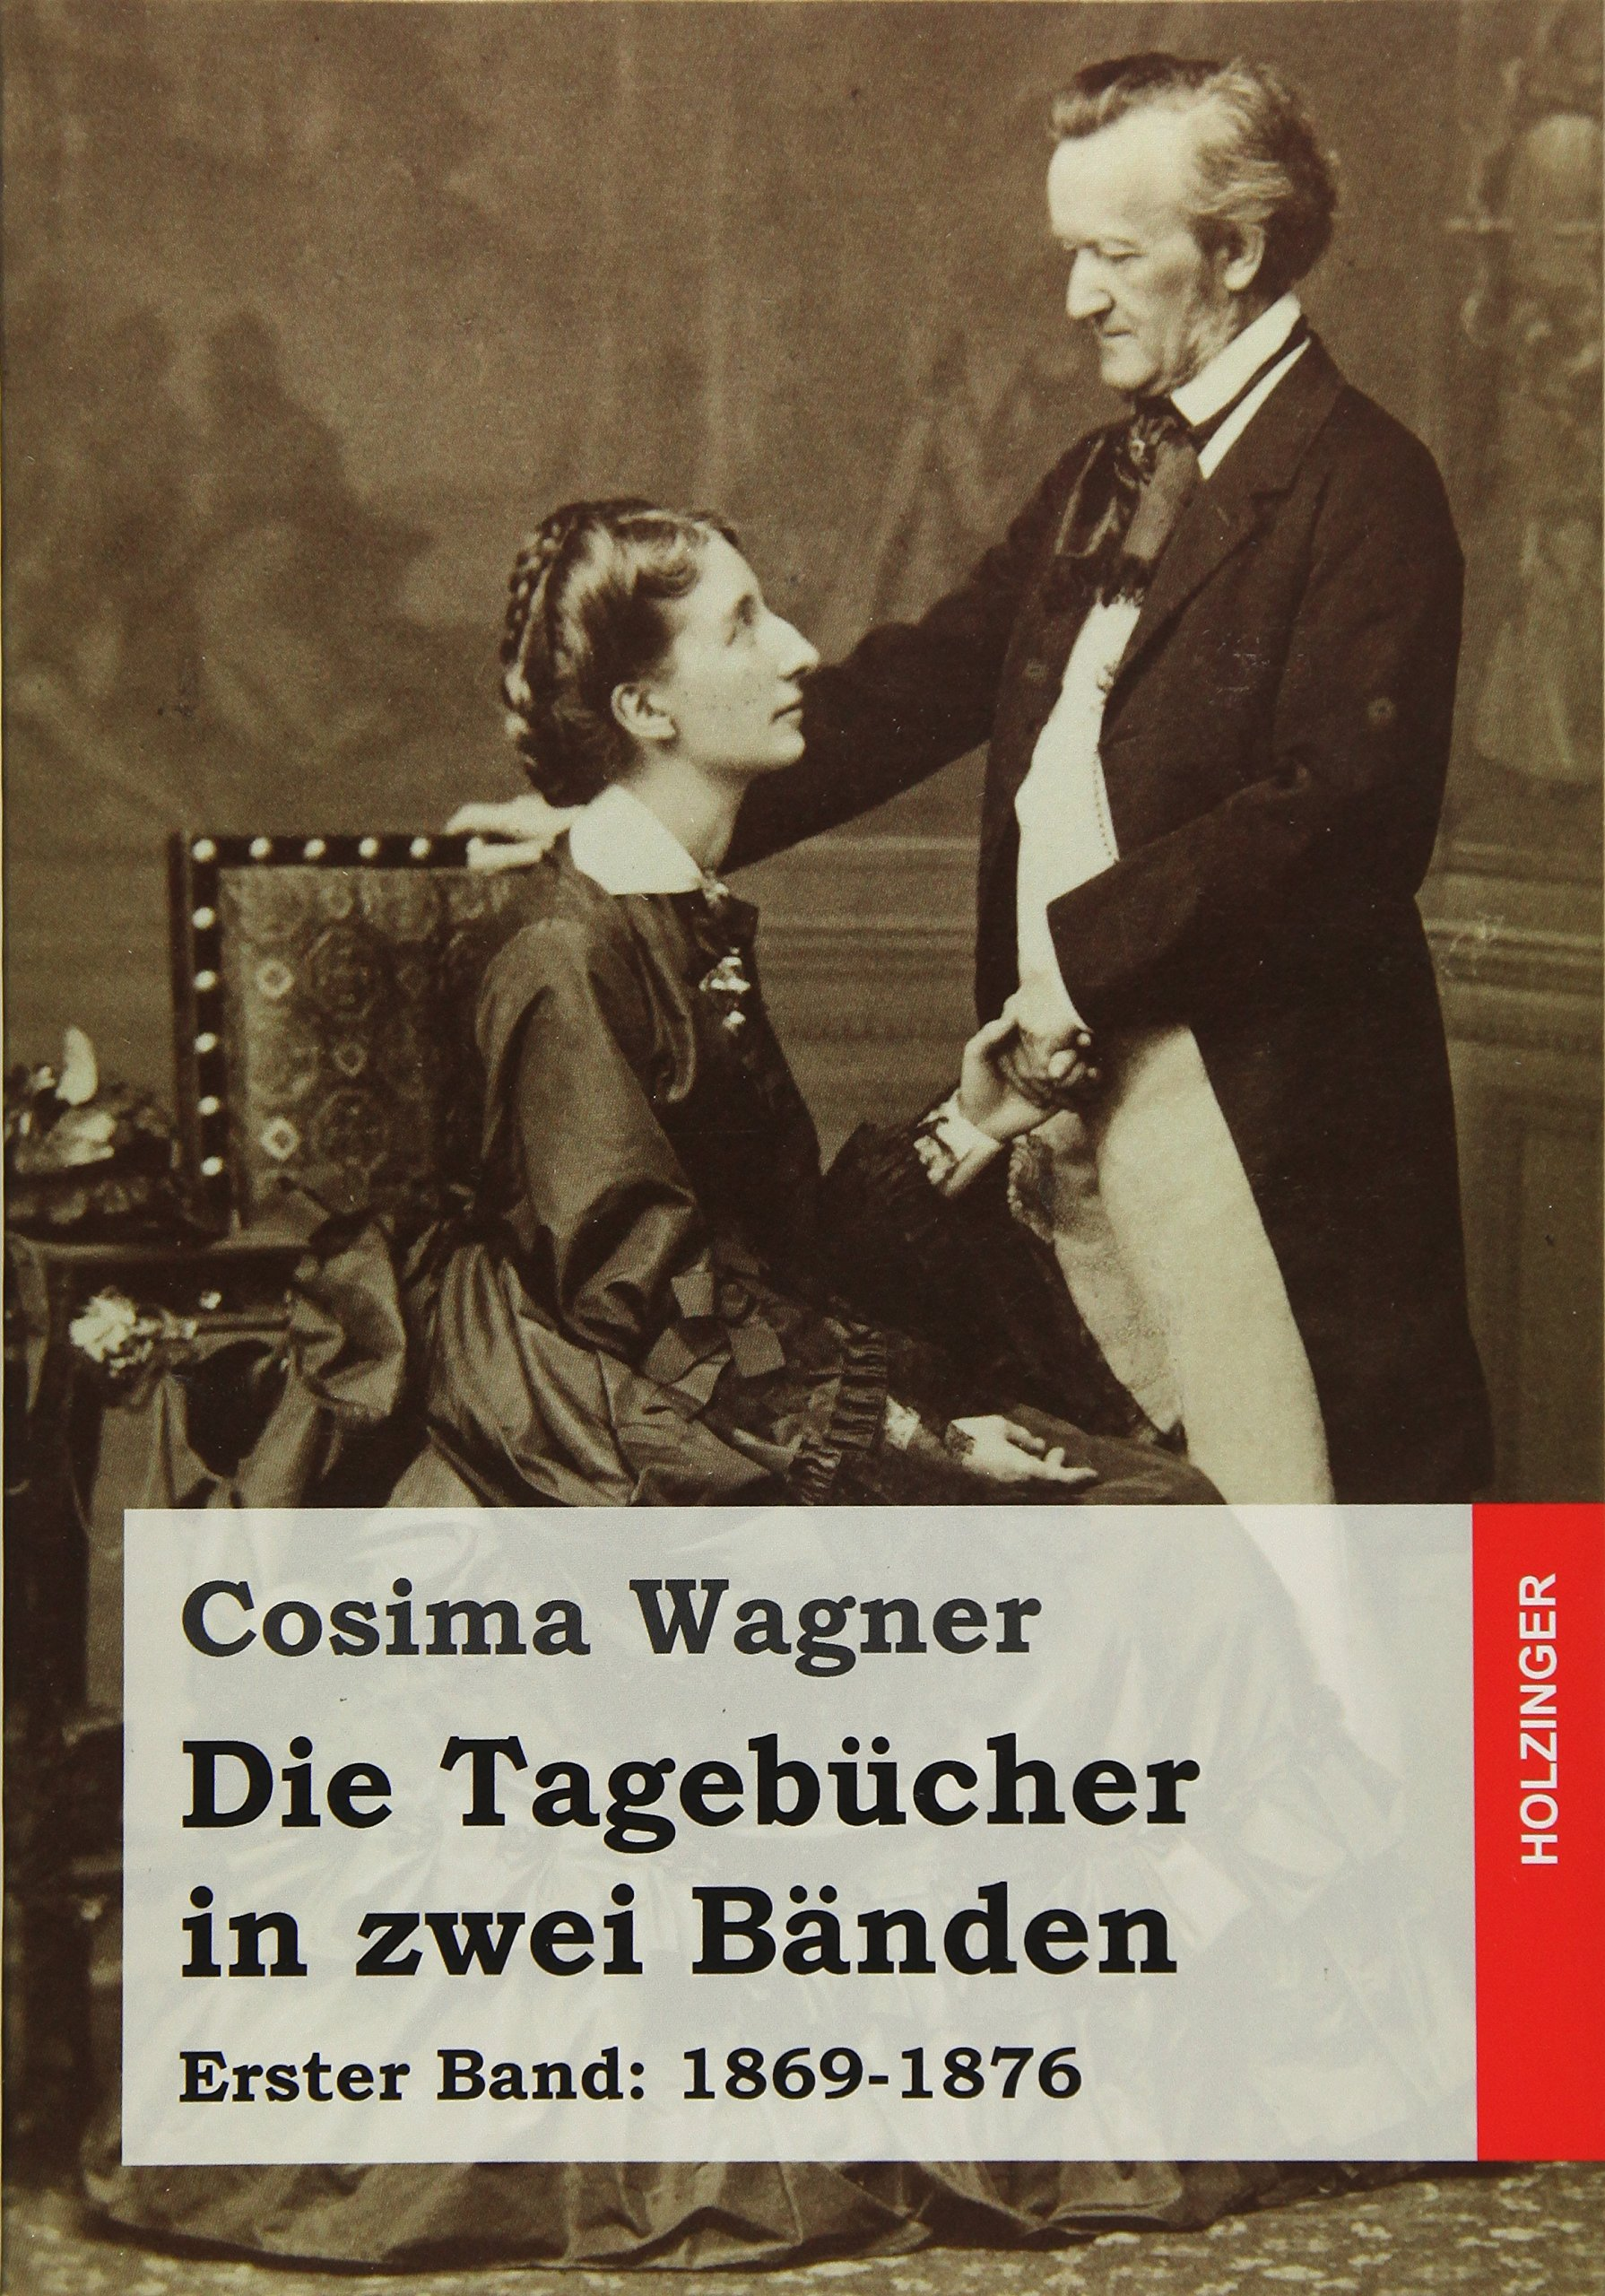 Die Tagebücher in zwei Bänden: Erster Band: 1869-1876